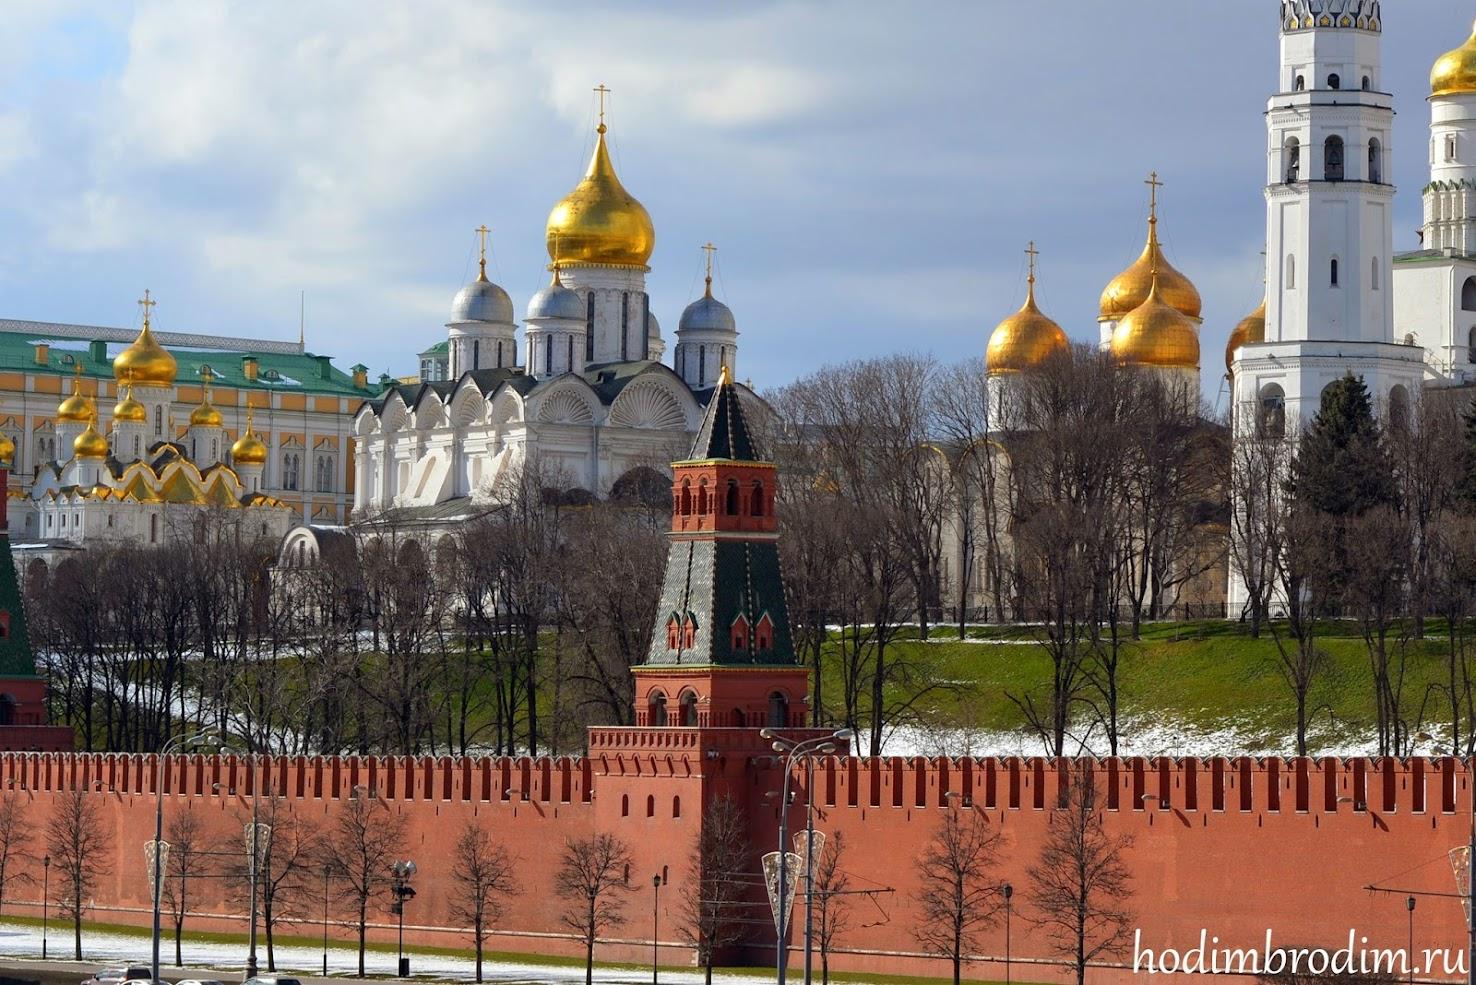 Вторая безымянная башня московского кремля